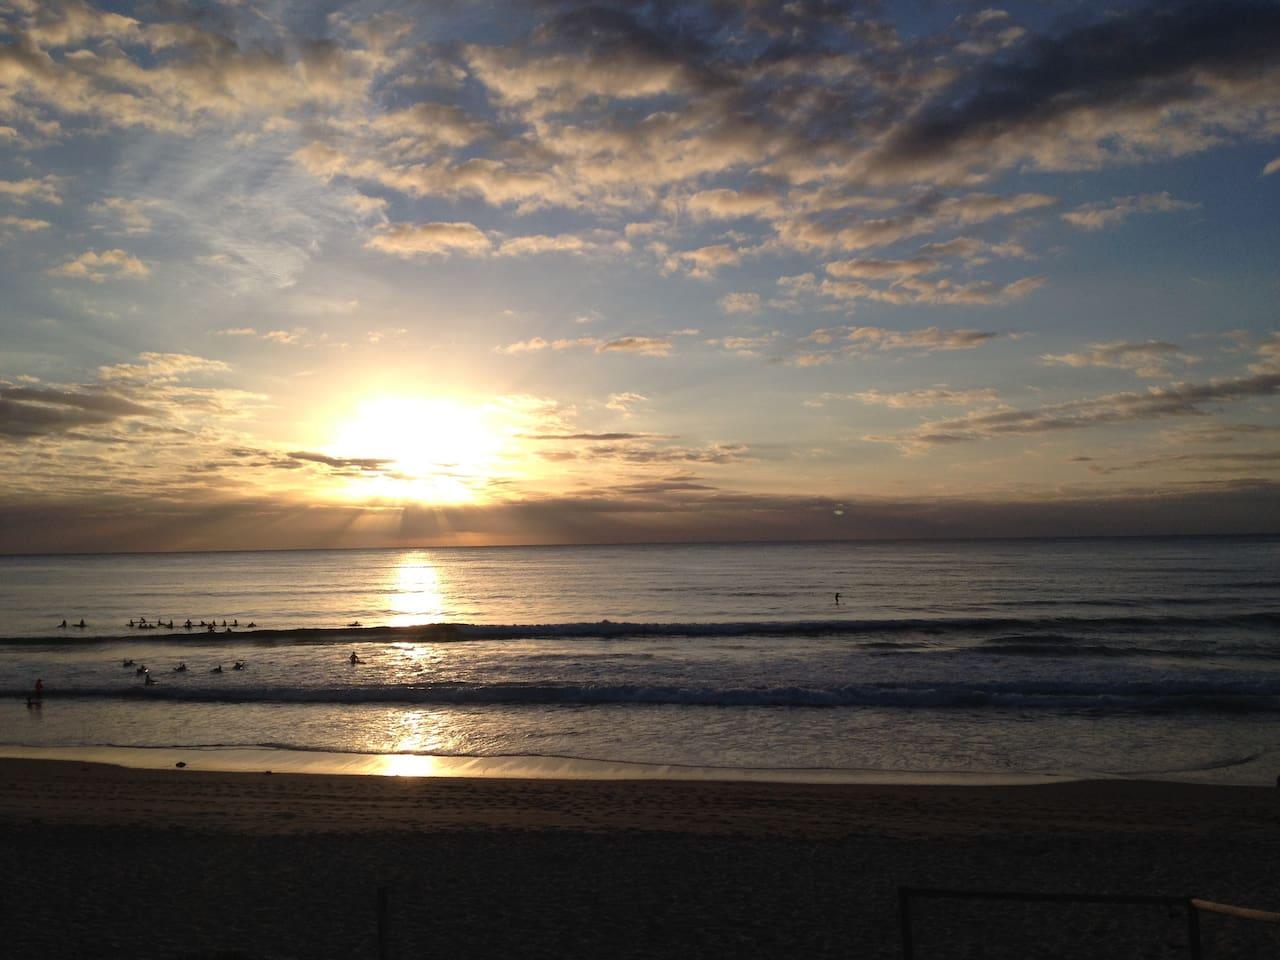 Sunrise at Cronulla Beach - 2 mins walk